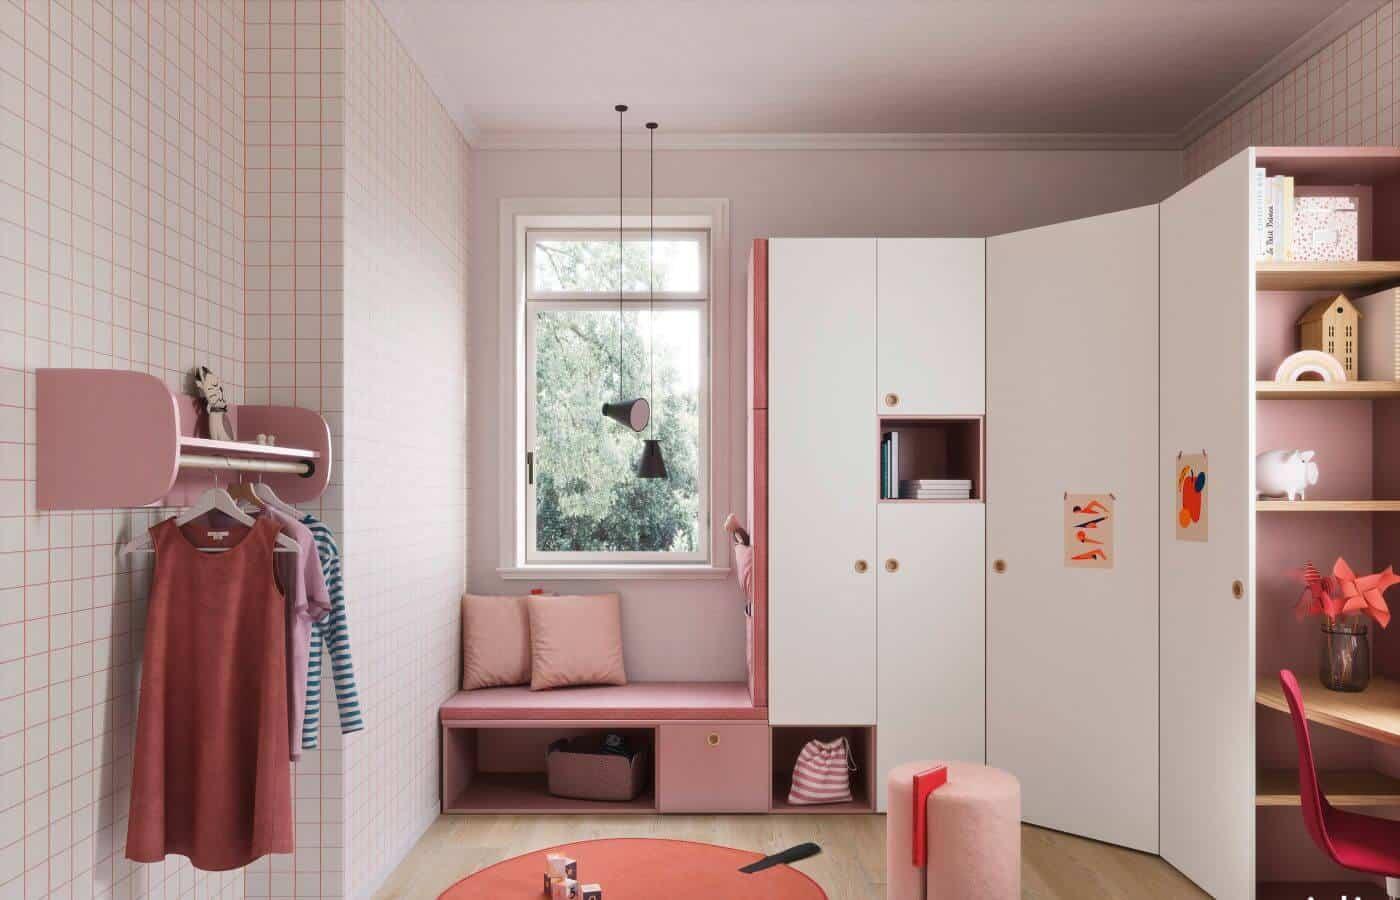 camerette-collezione-acero-il-mobile (12)